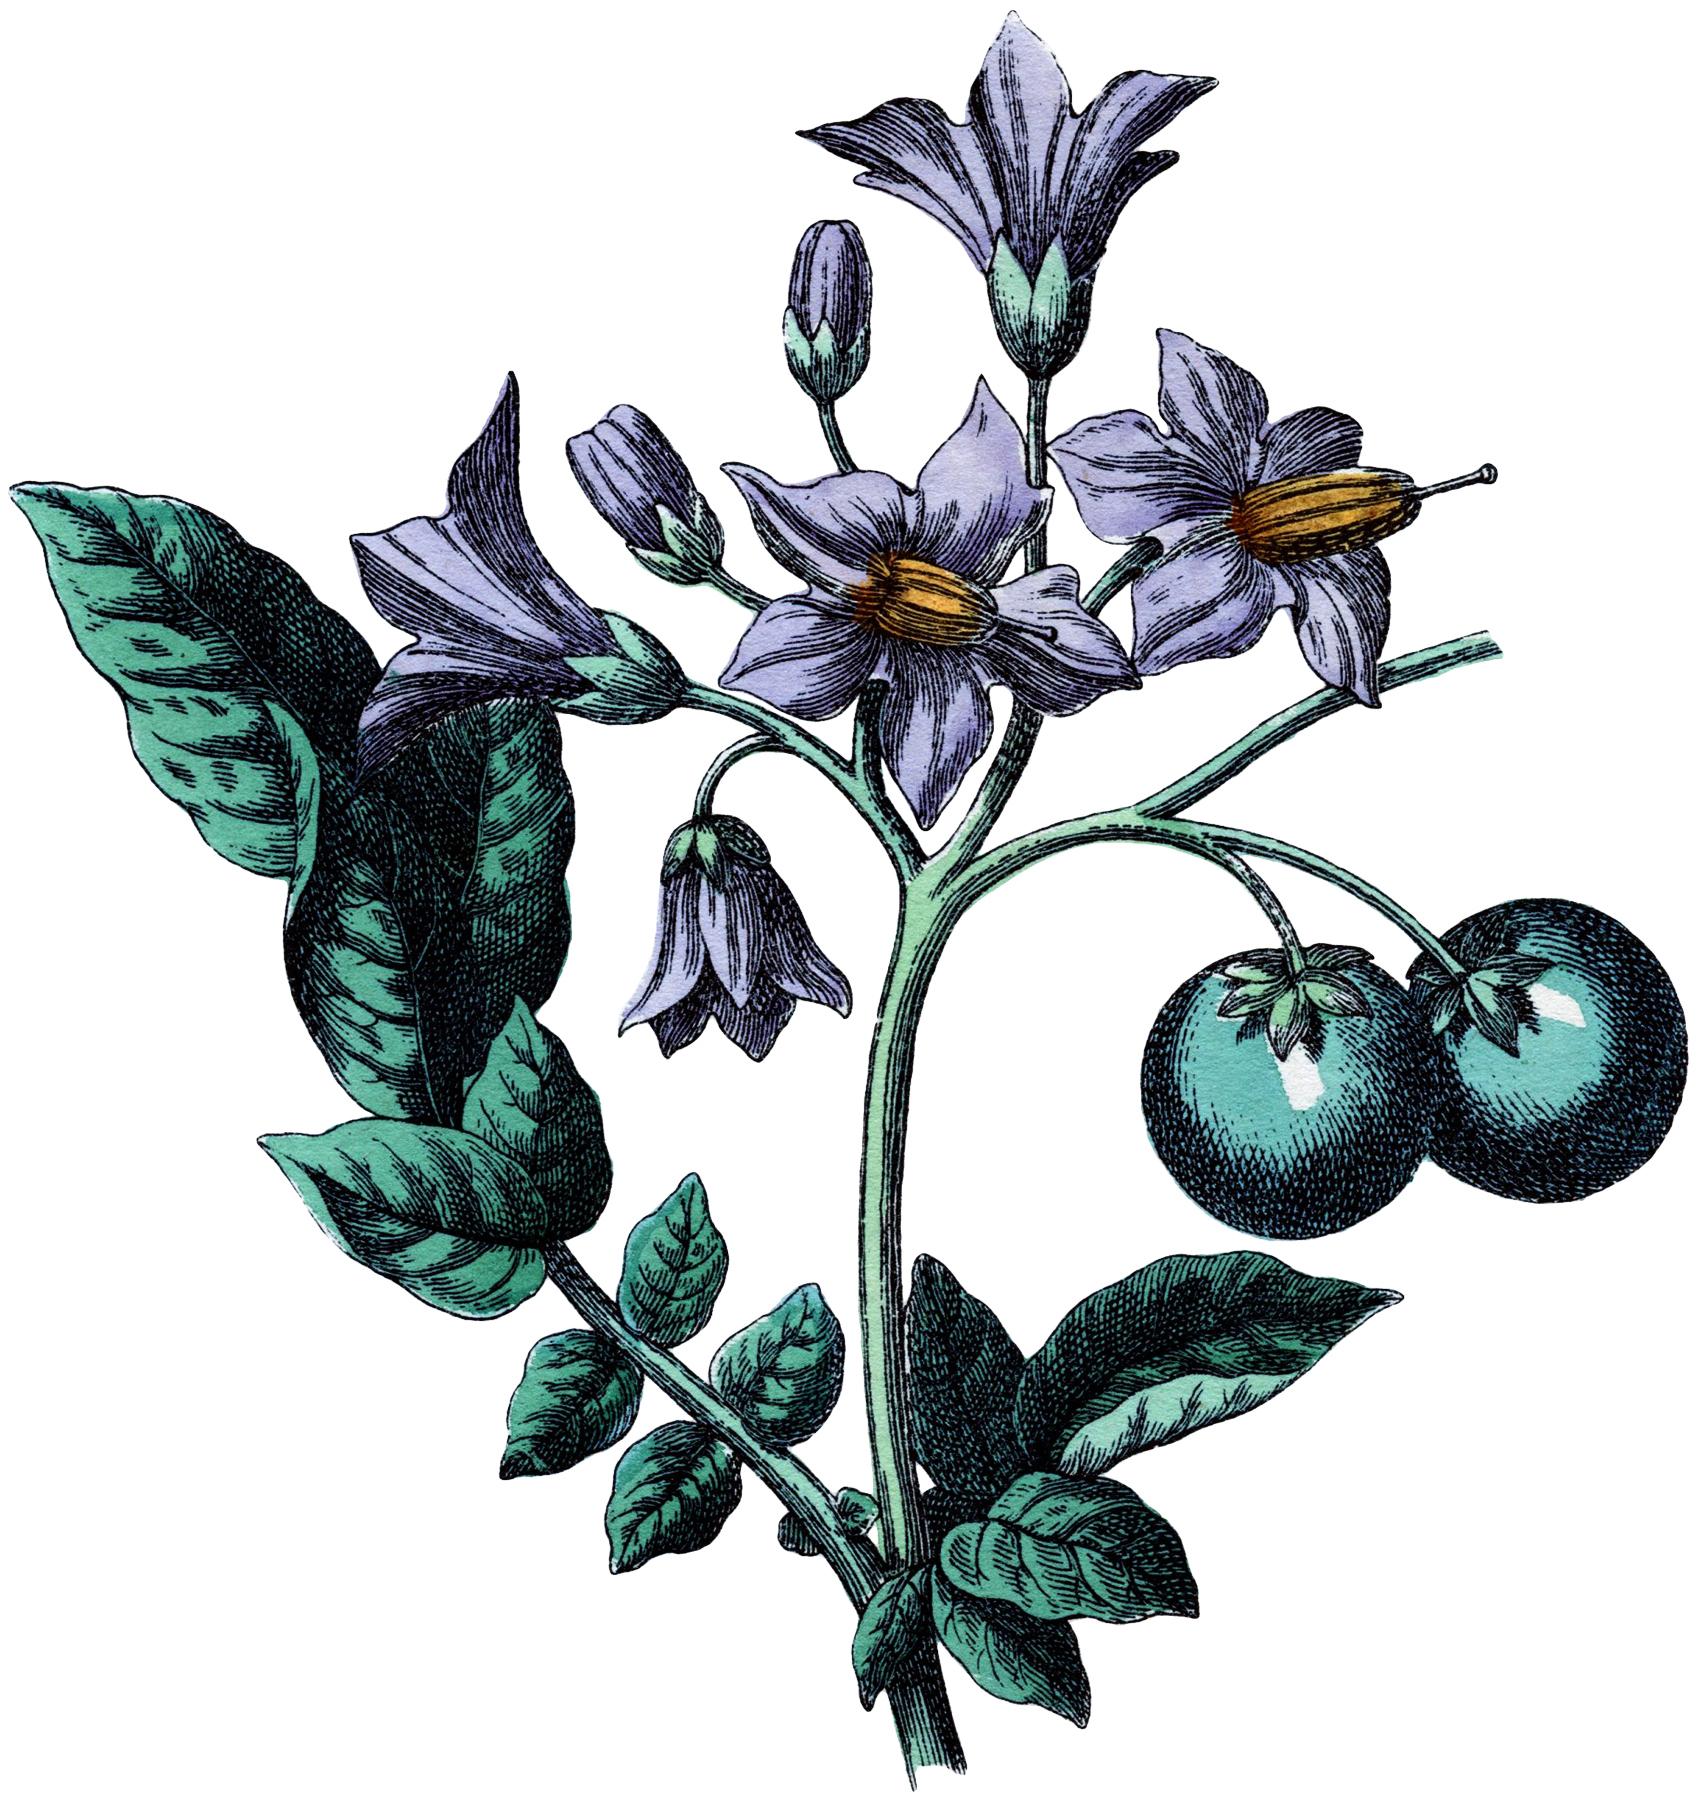 Botanical Potato Flower Image